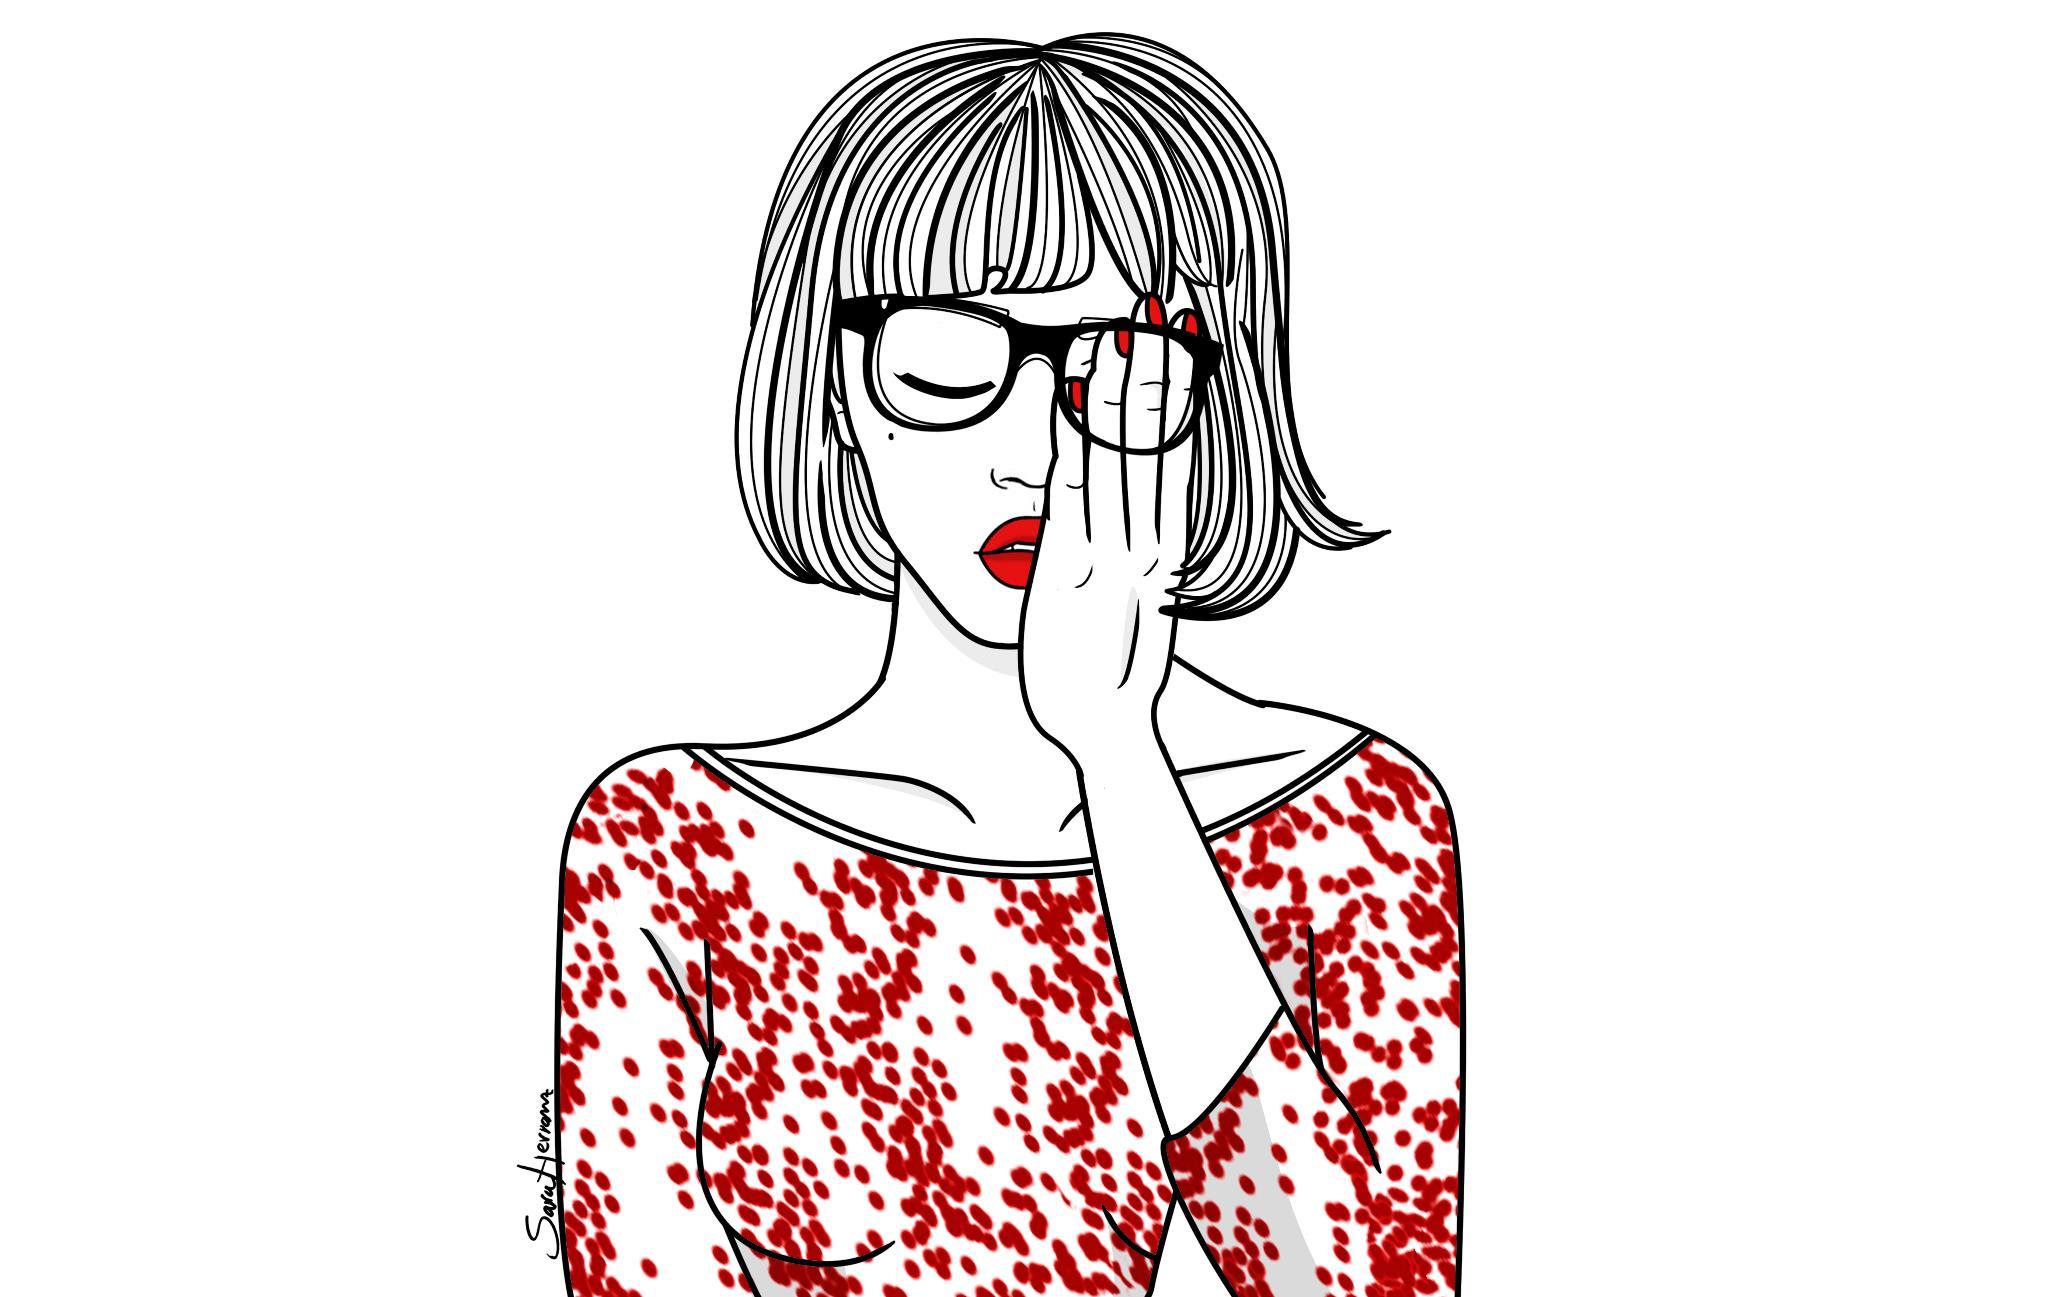 Ilustraciones Con Un Toque Hipster Y De Mucha Vida Modaddiction